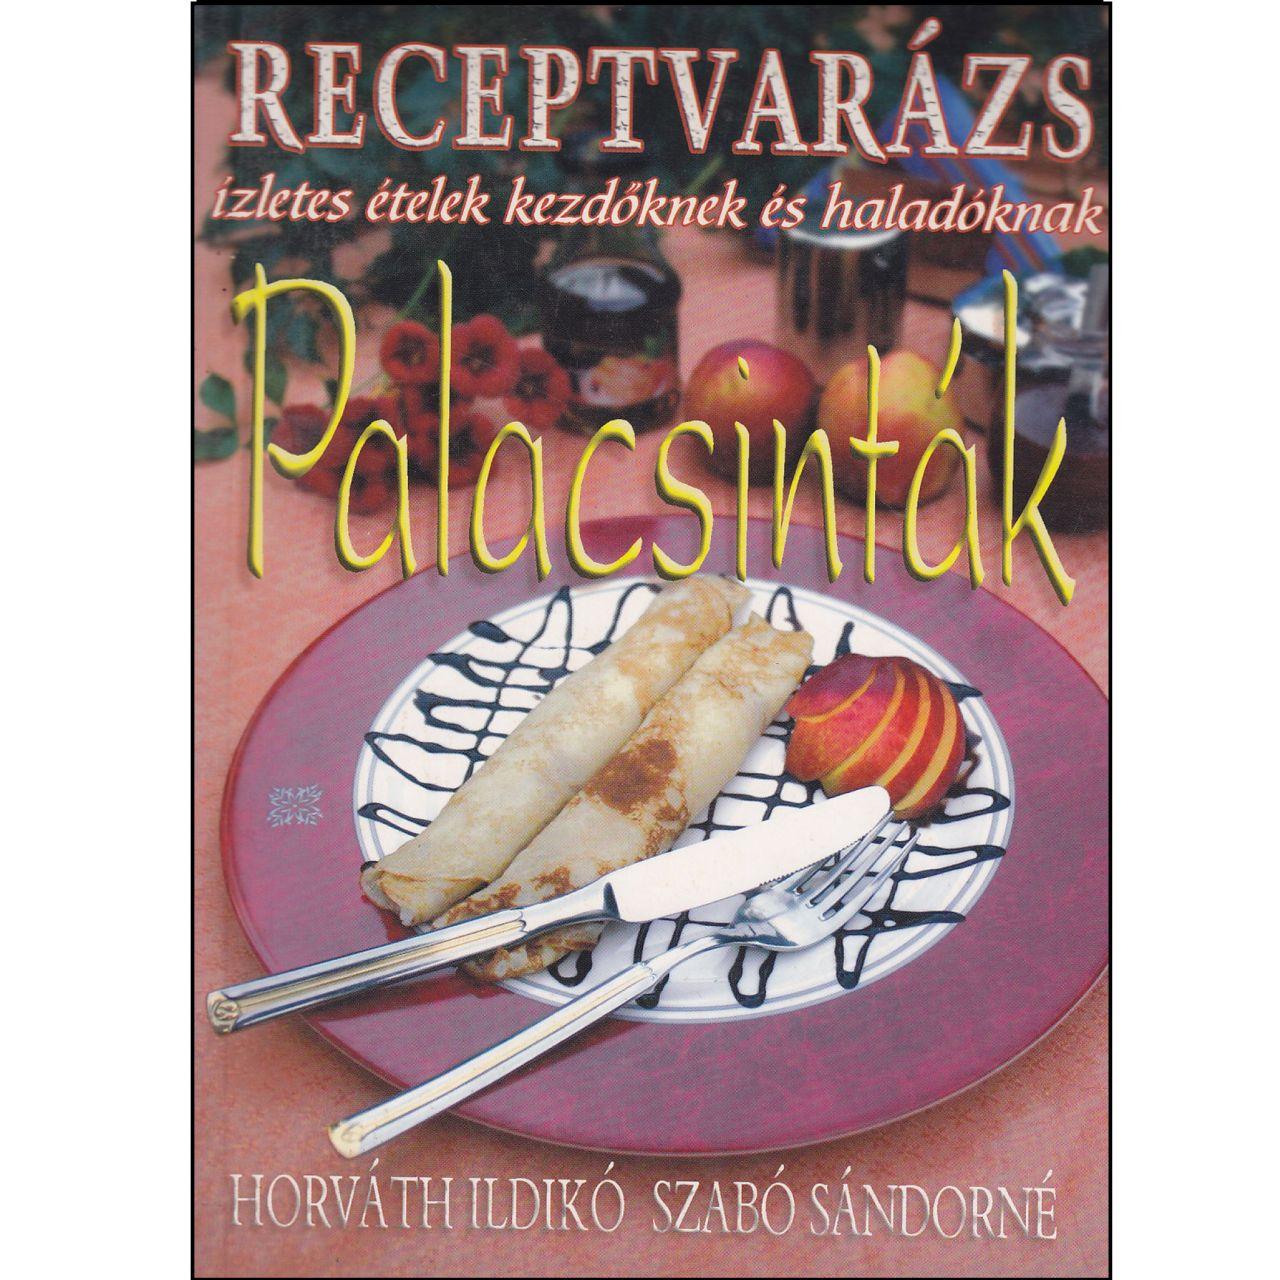 Receptvarázs - Palacsinták (könyv)